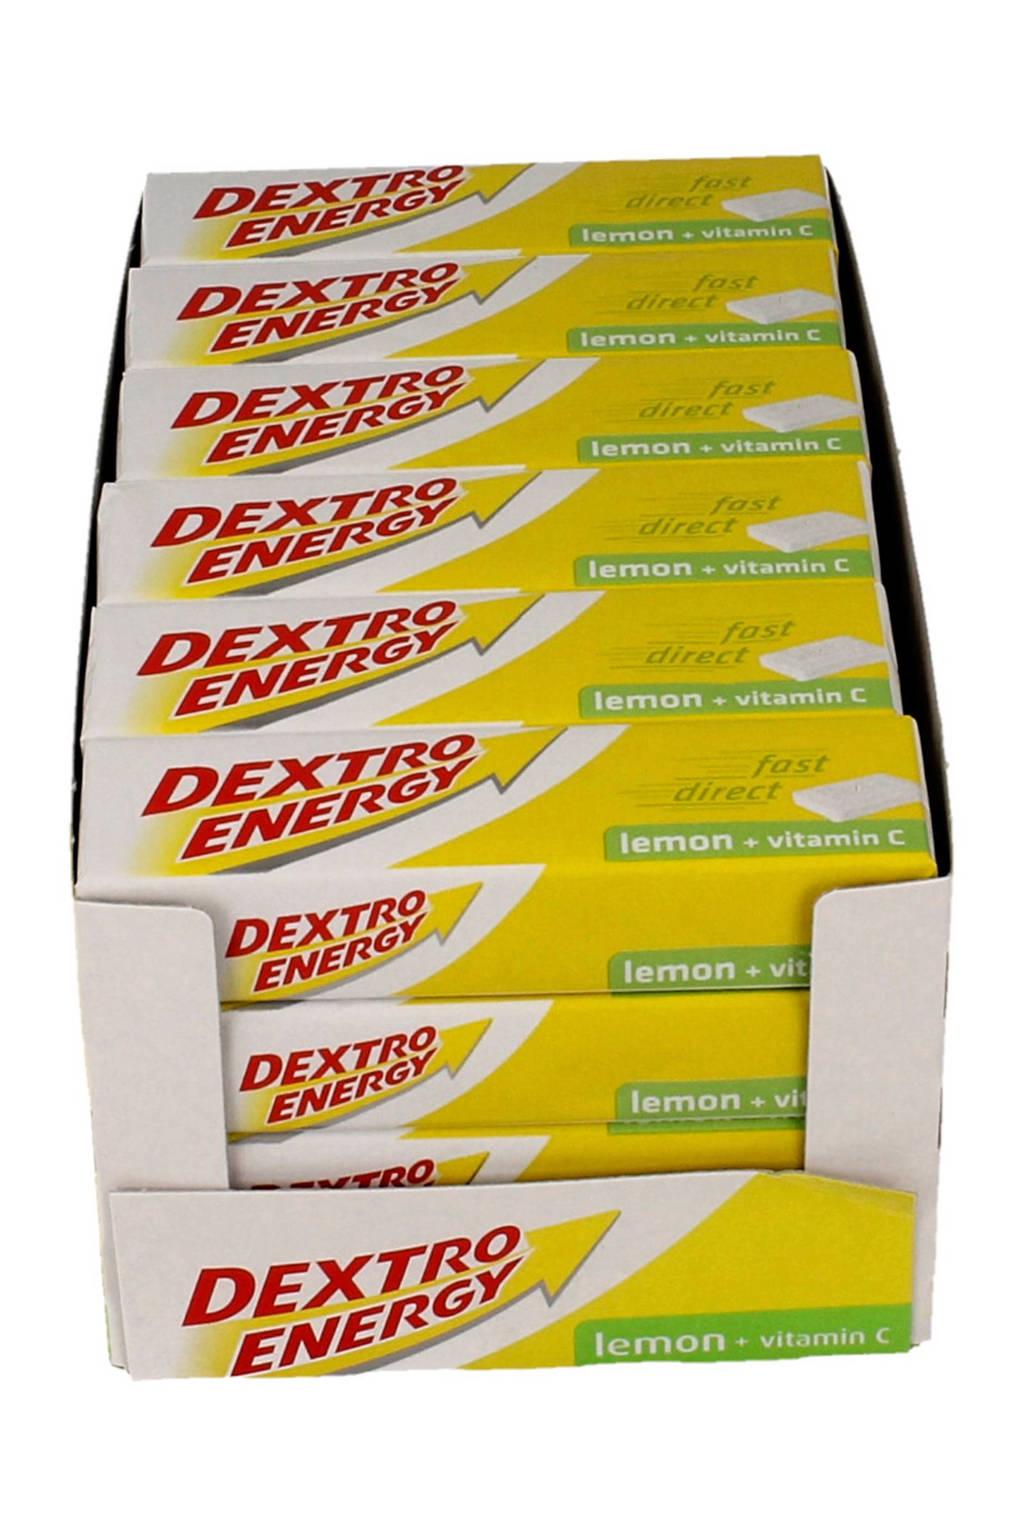 Dextro Energy Citroen met Vitamine C - multiverpakking - 24 stuks